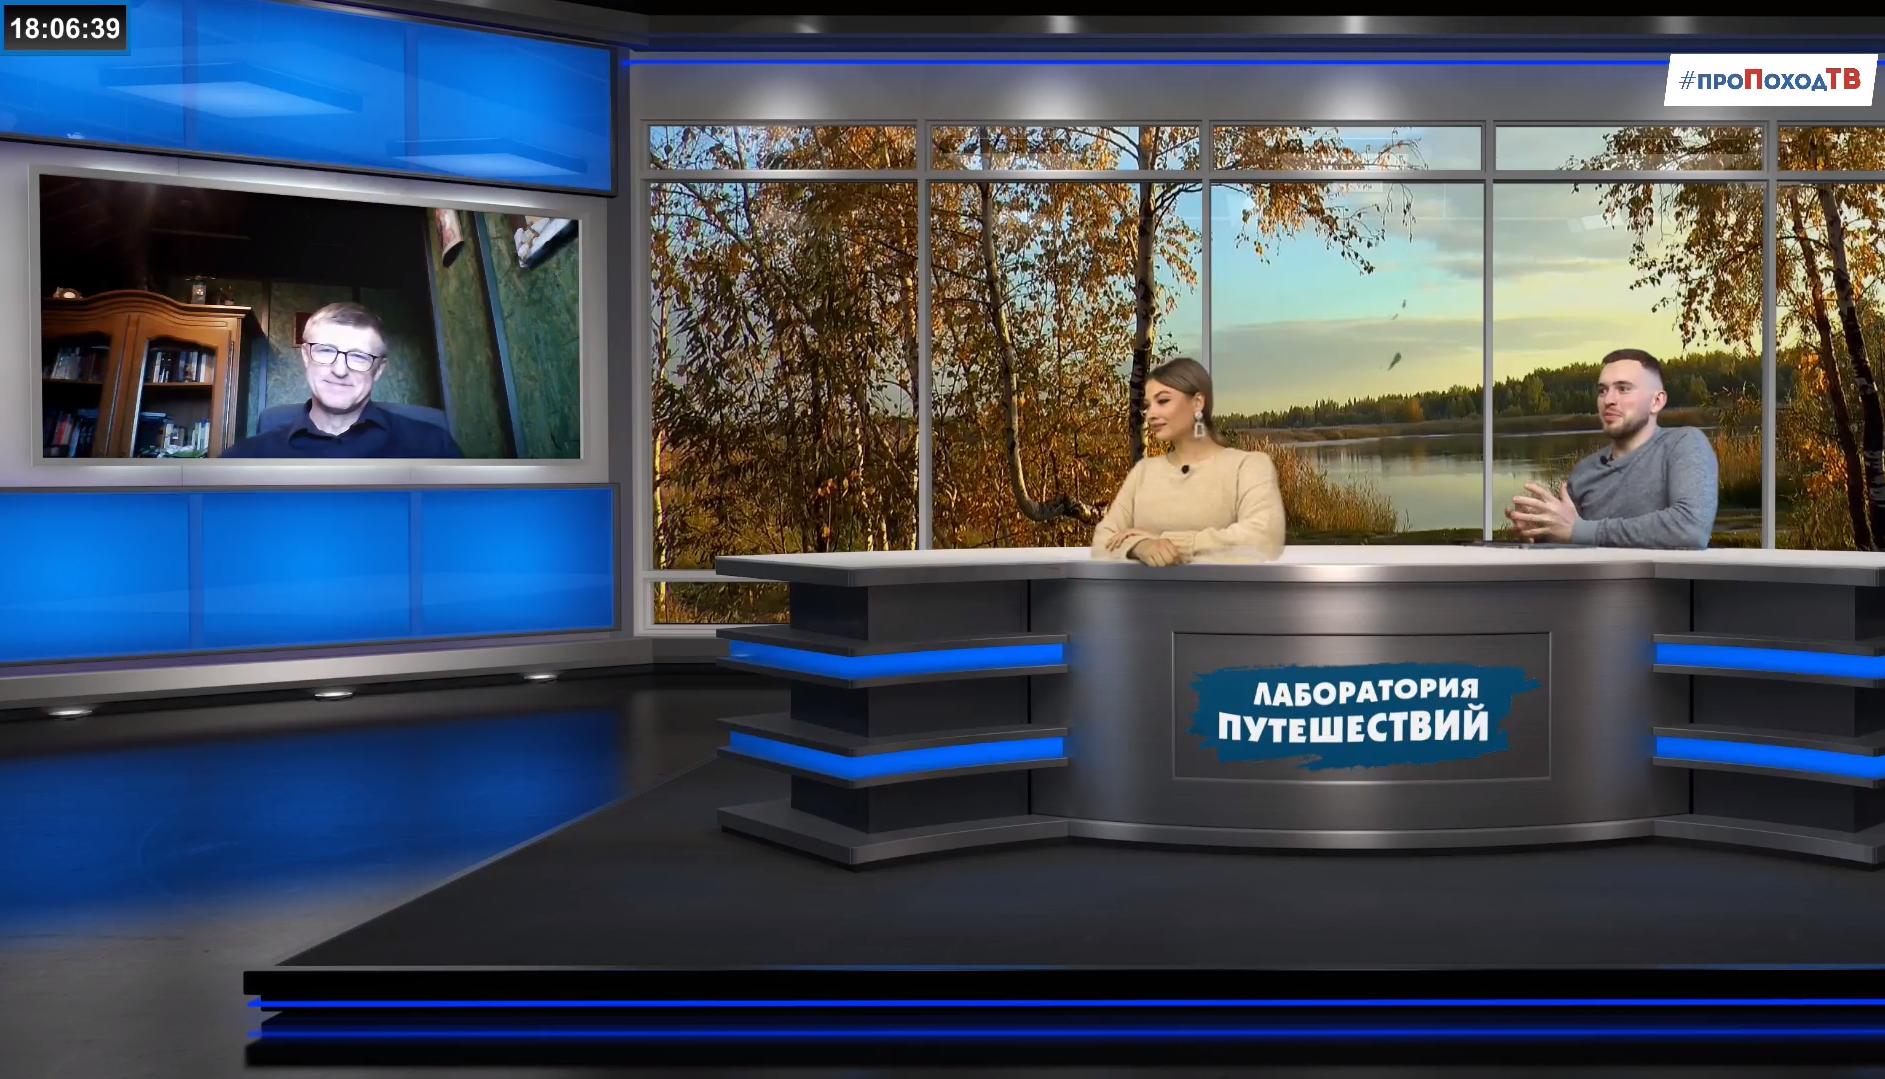 Александр Страдзе – гость эфира «Лаборатории путешествий»